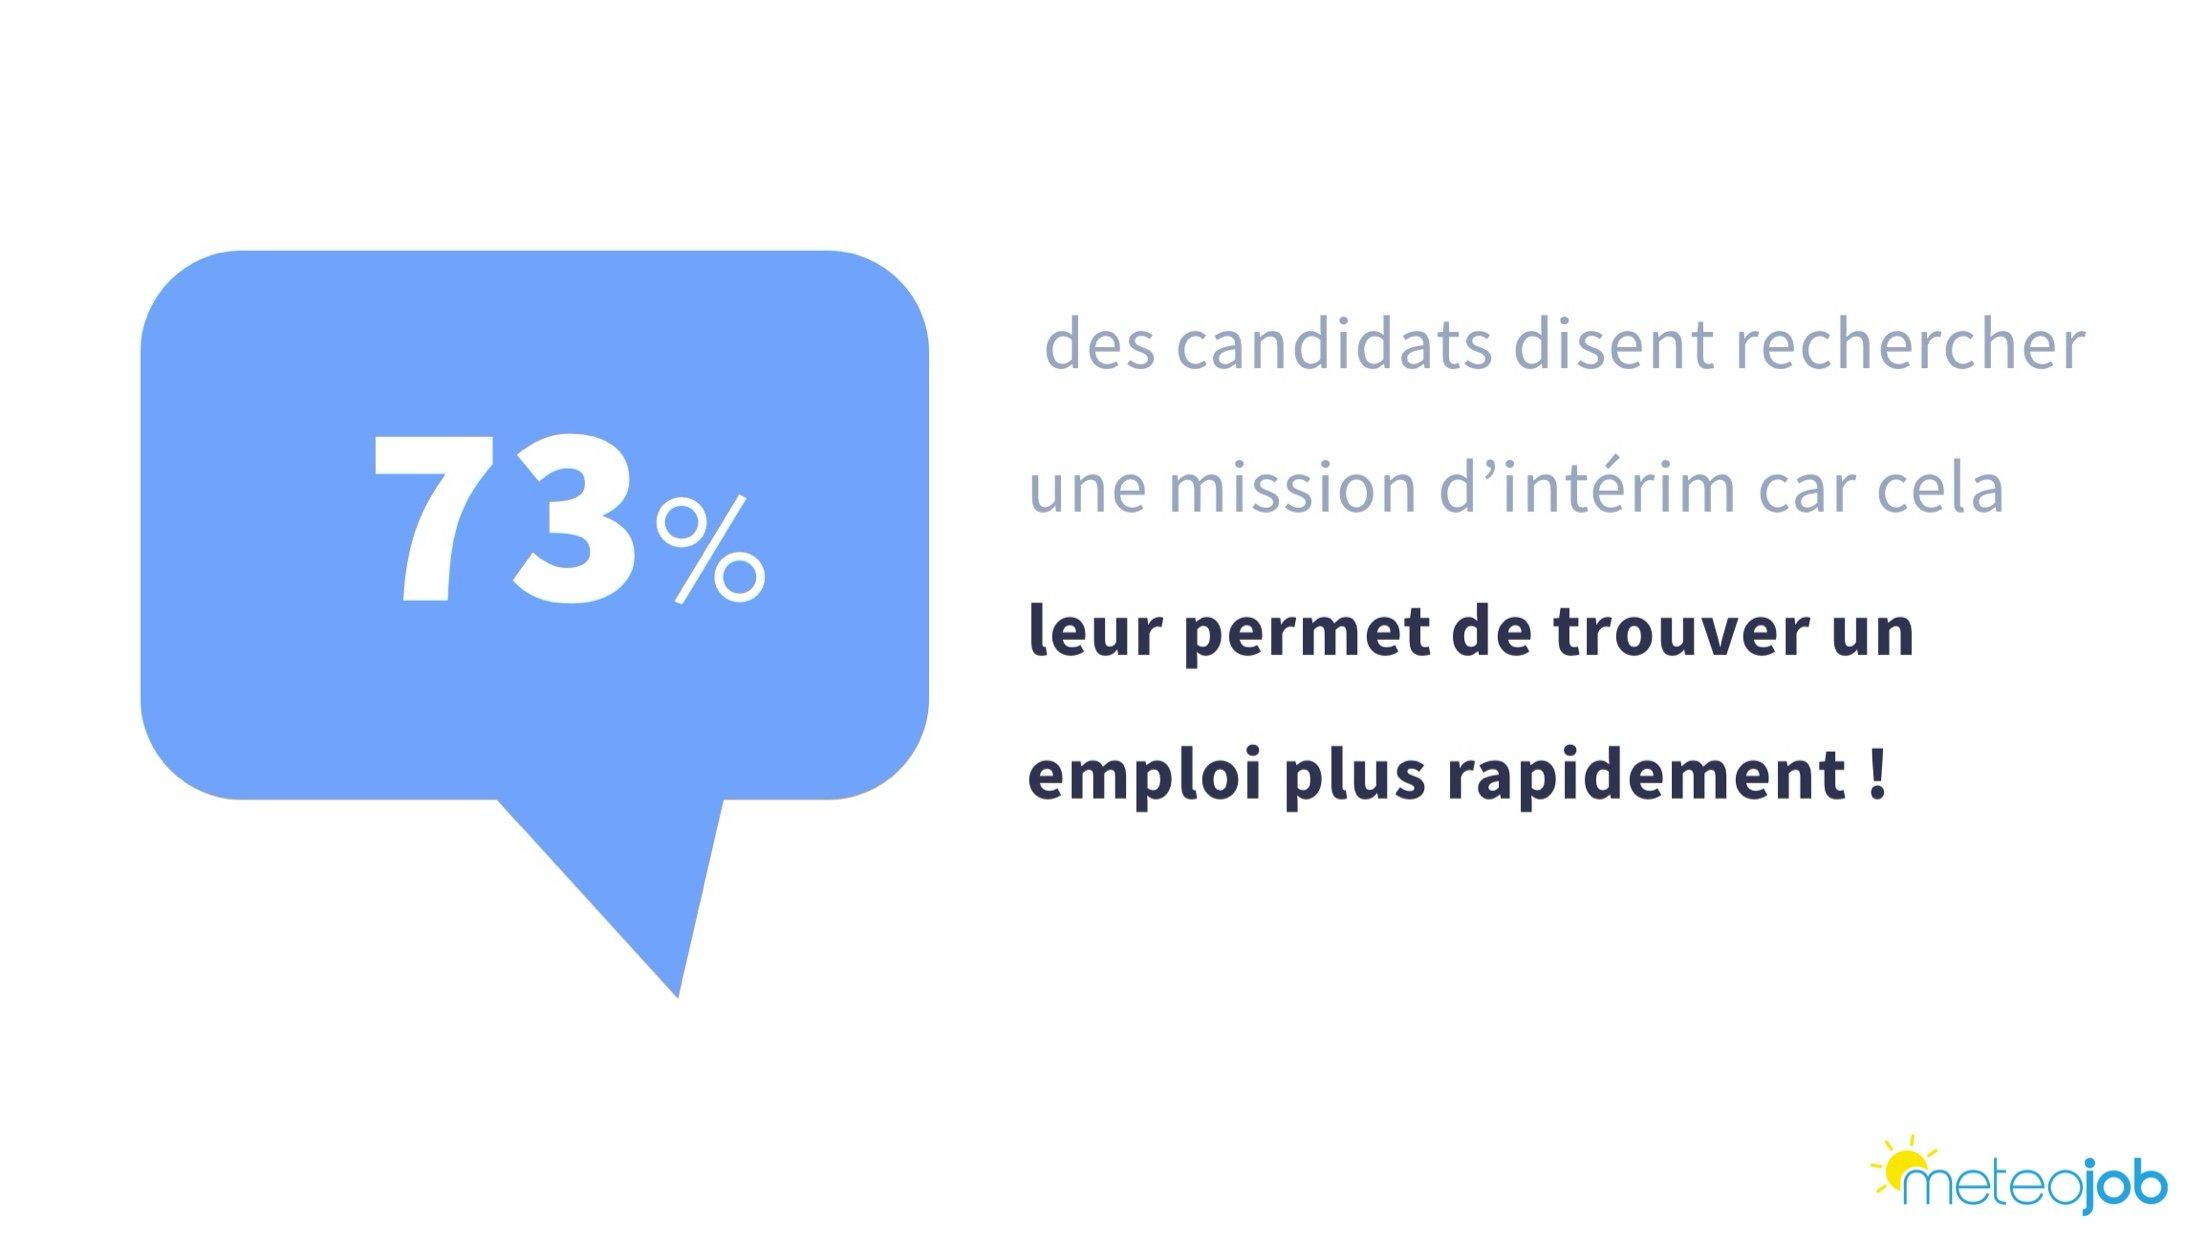 73% des candidats disent rechercher une mission dintérim car cela leur permet de trouver un emploi plus rapidement